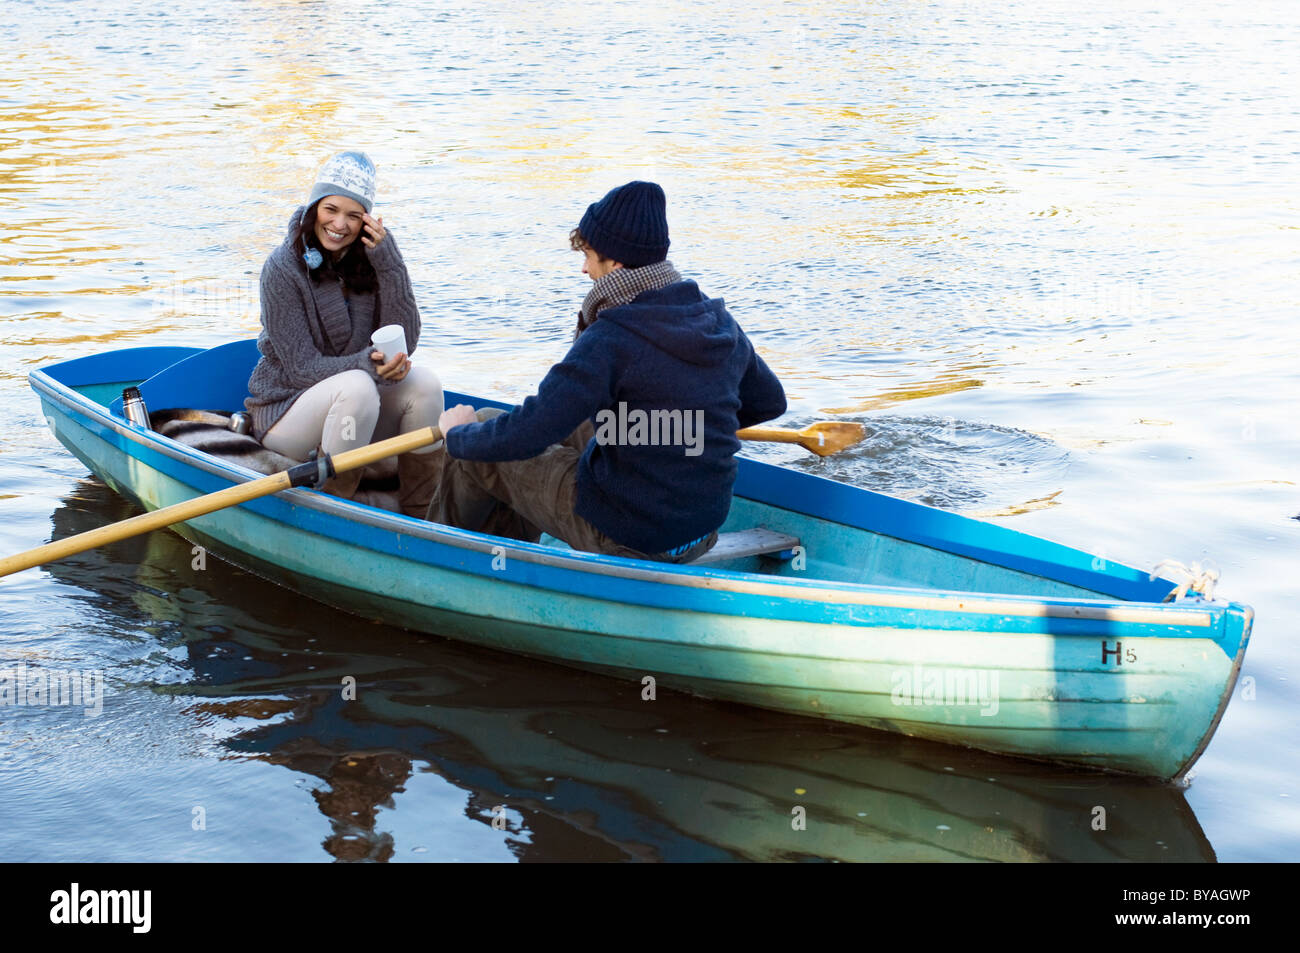 Couple in row boat having fun - Stock Image